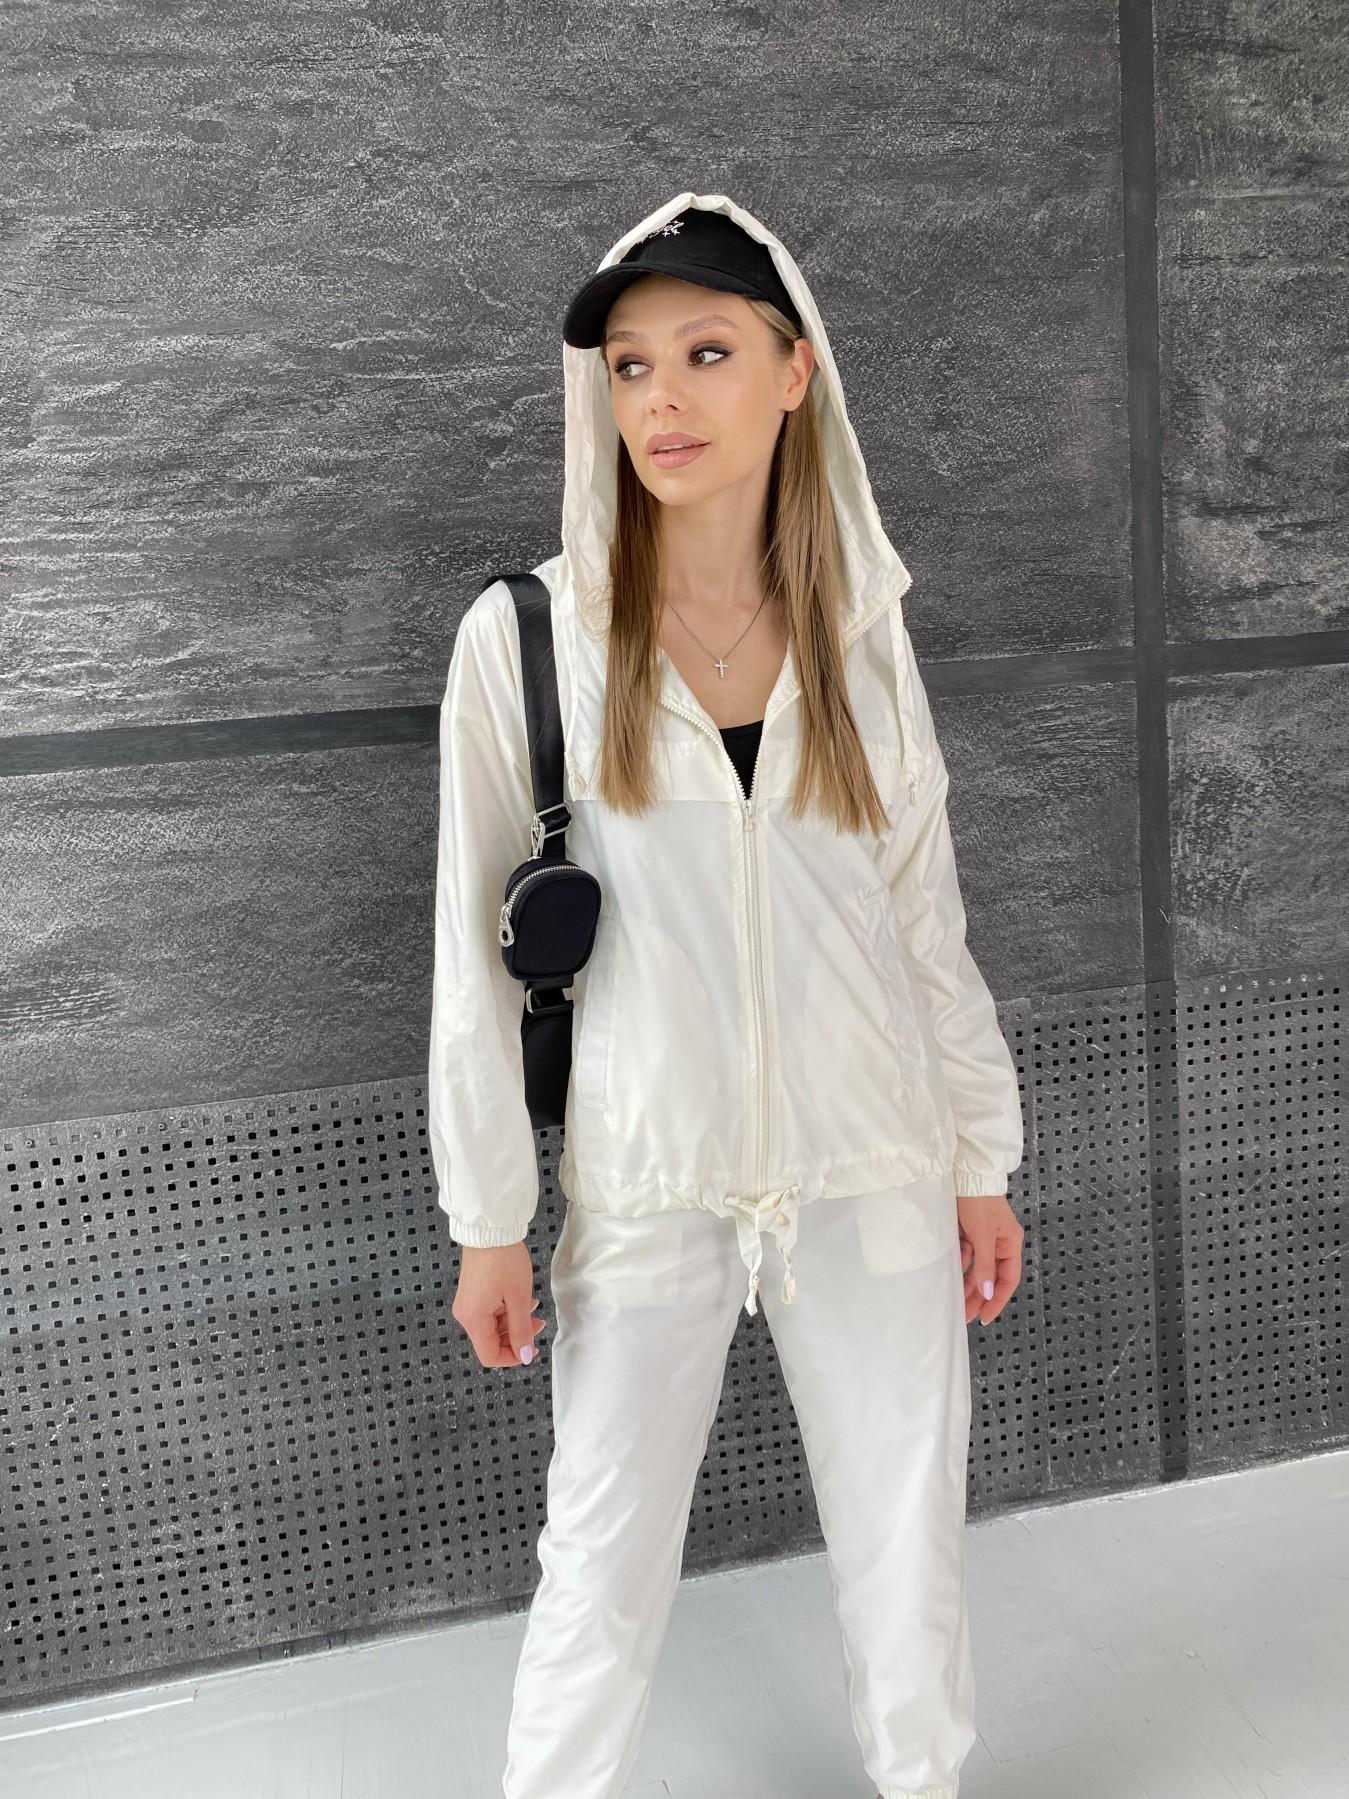 Фит костюм из плащевой ткани 11048 АРТ. 47533 Цвет: Молоко - фото 11, интернет магазин tm-modus.ru